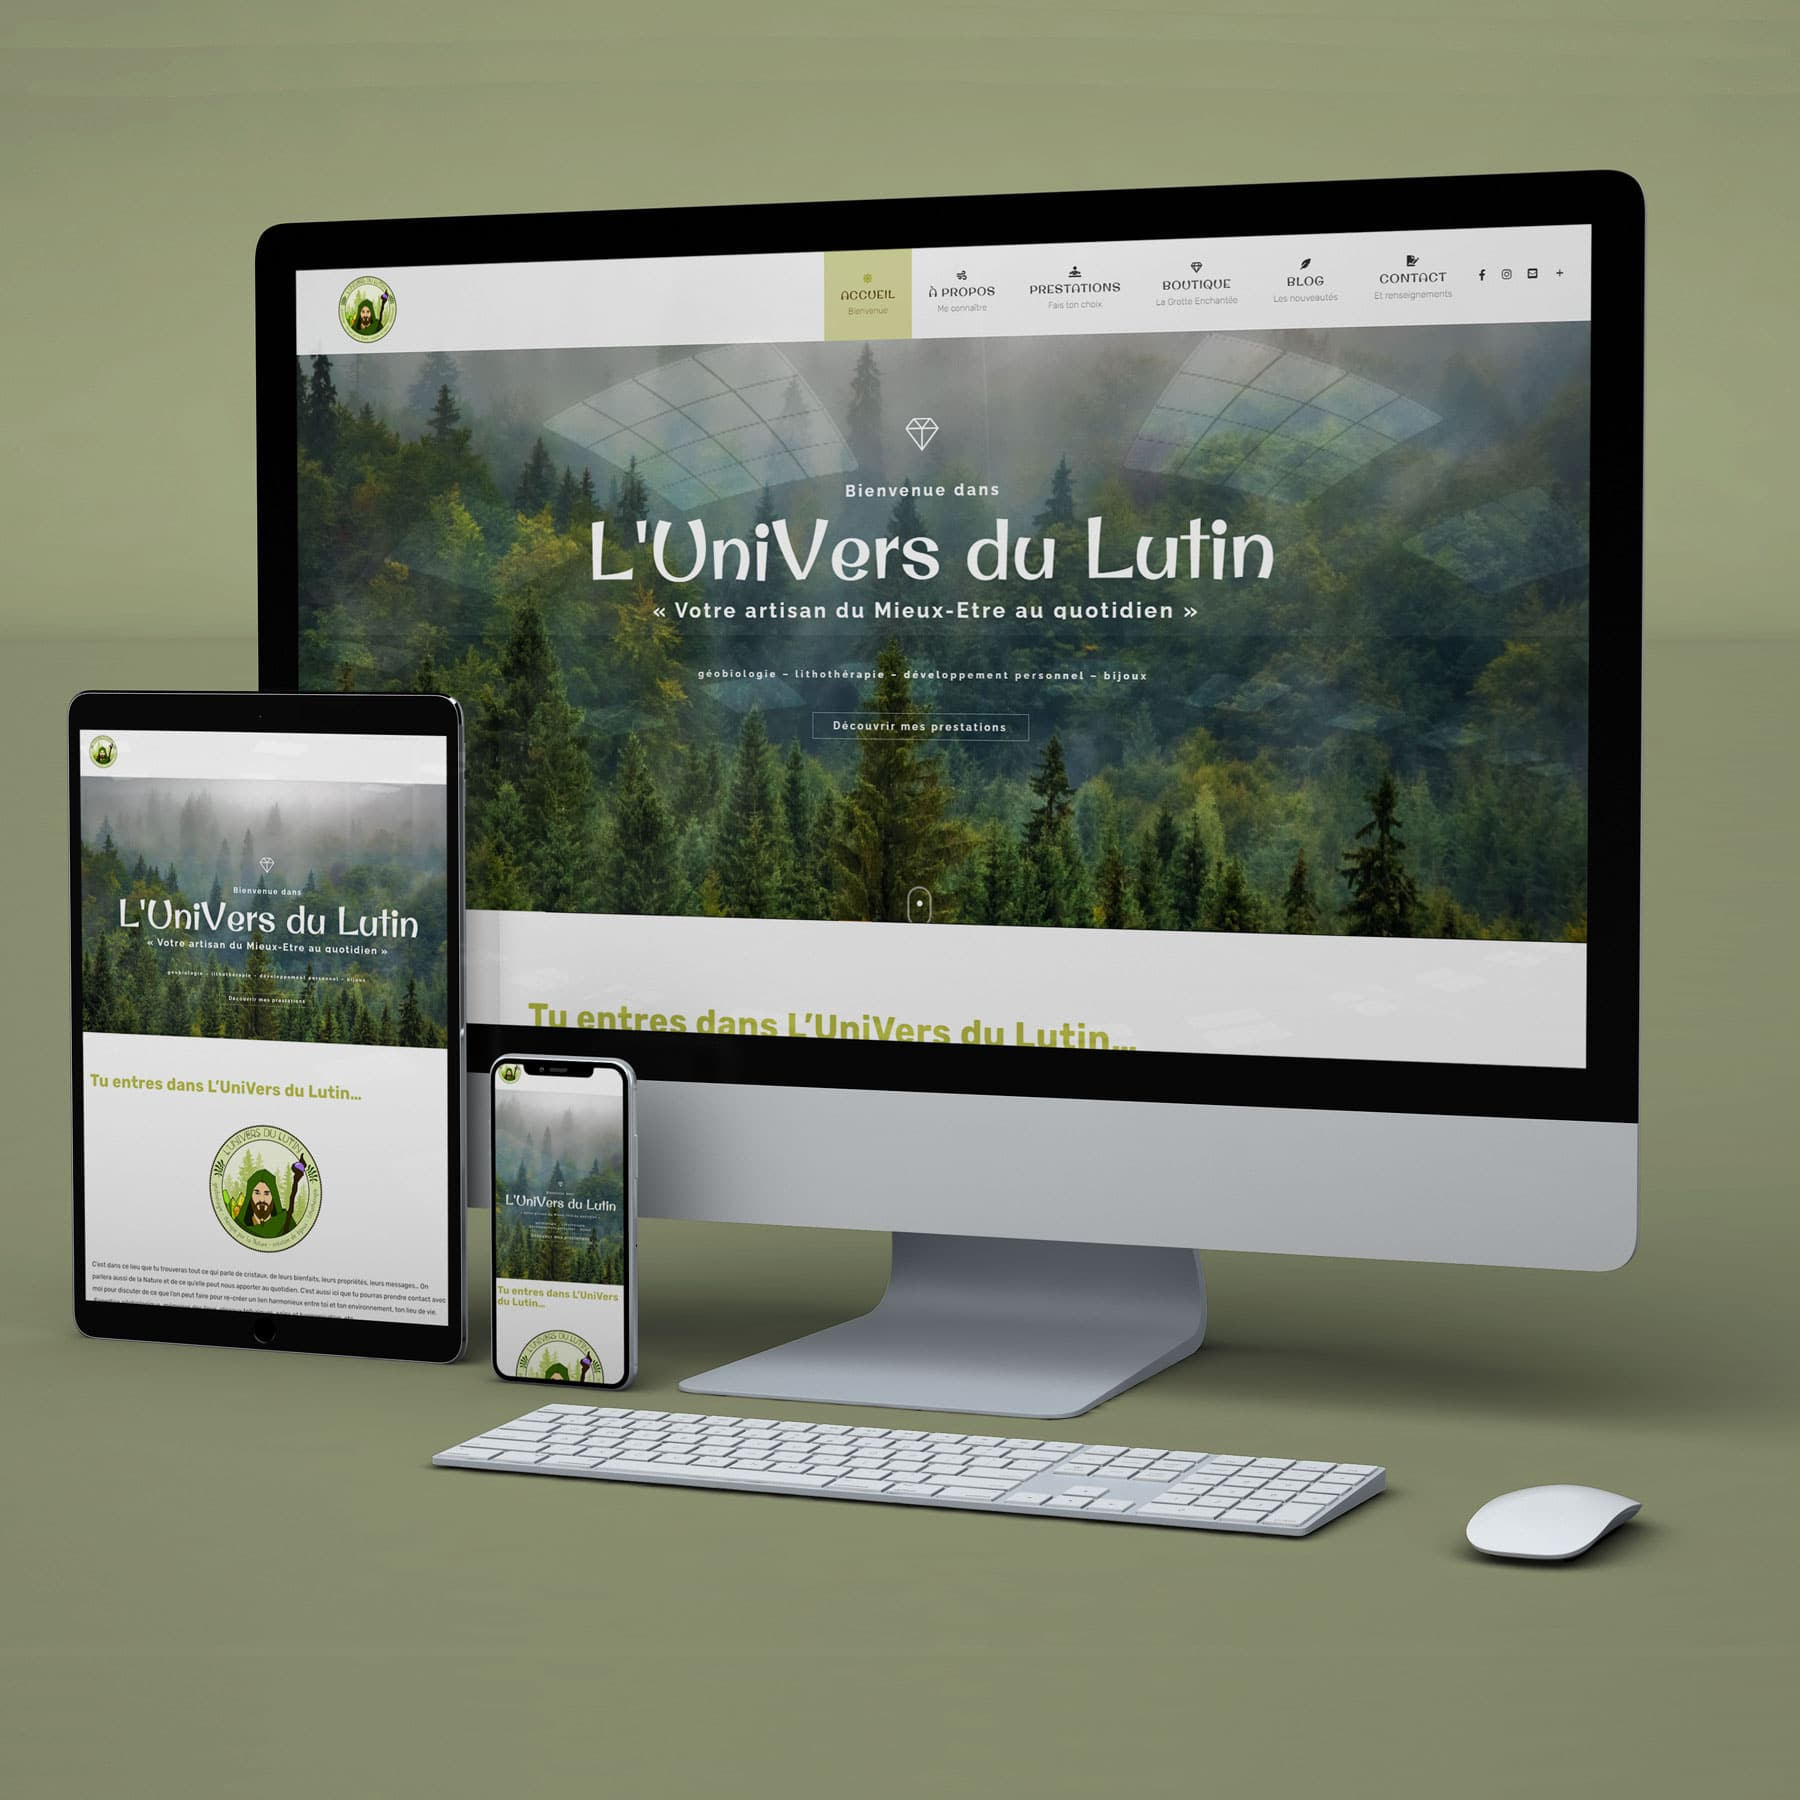 L'Univers du Lutin site web ArtCode